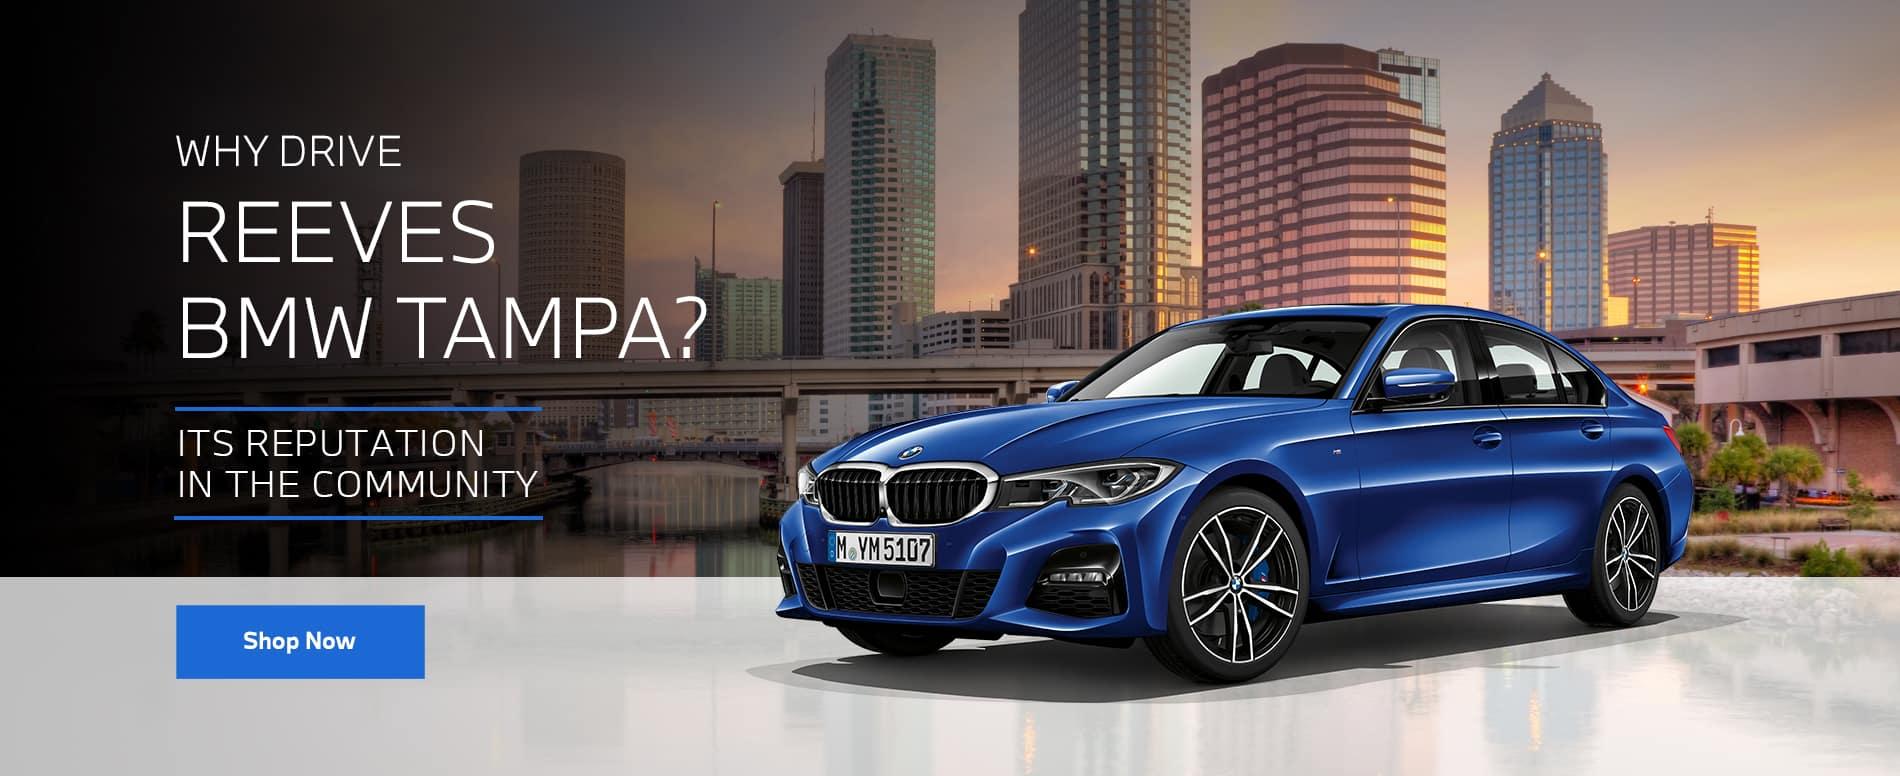 BMW-DriveReeves-Community-3Series-Jan-Webslide-R2